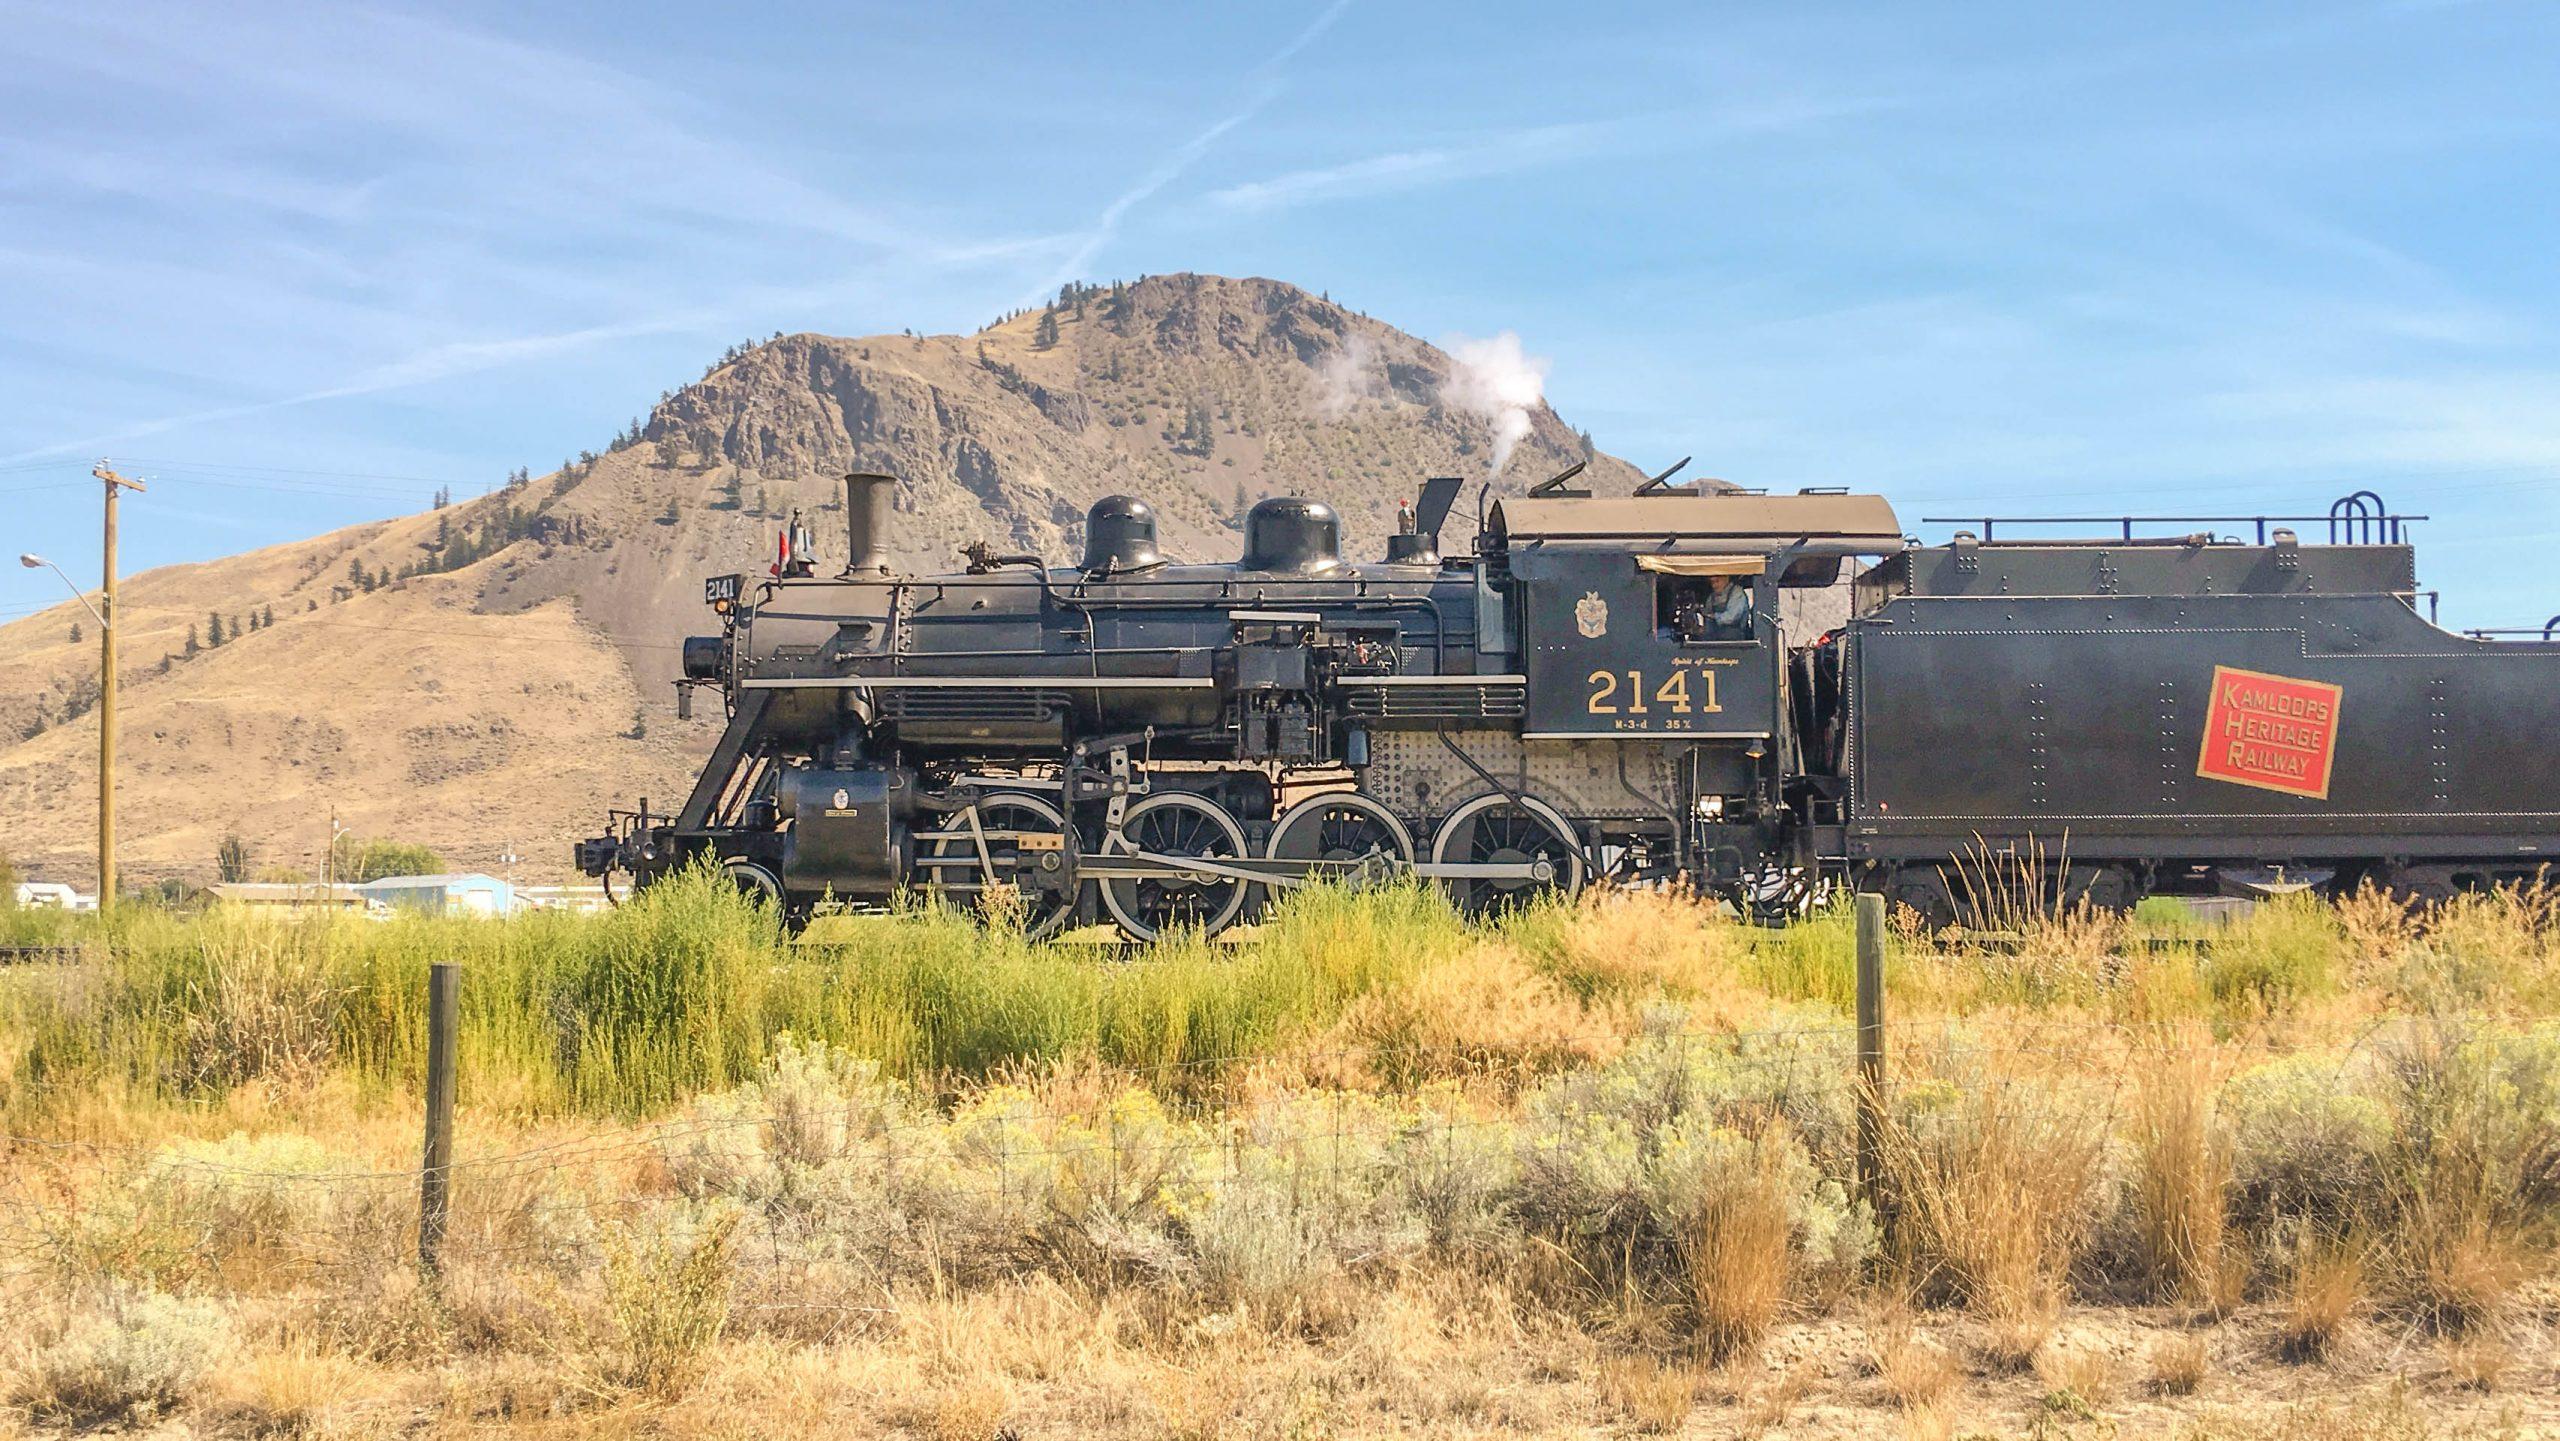 Kamloops Heritage Railway, 2141 steam locomotive, Kamloops, BC